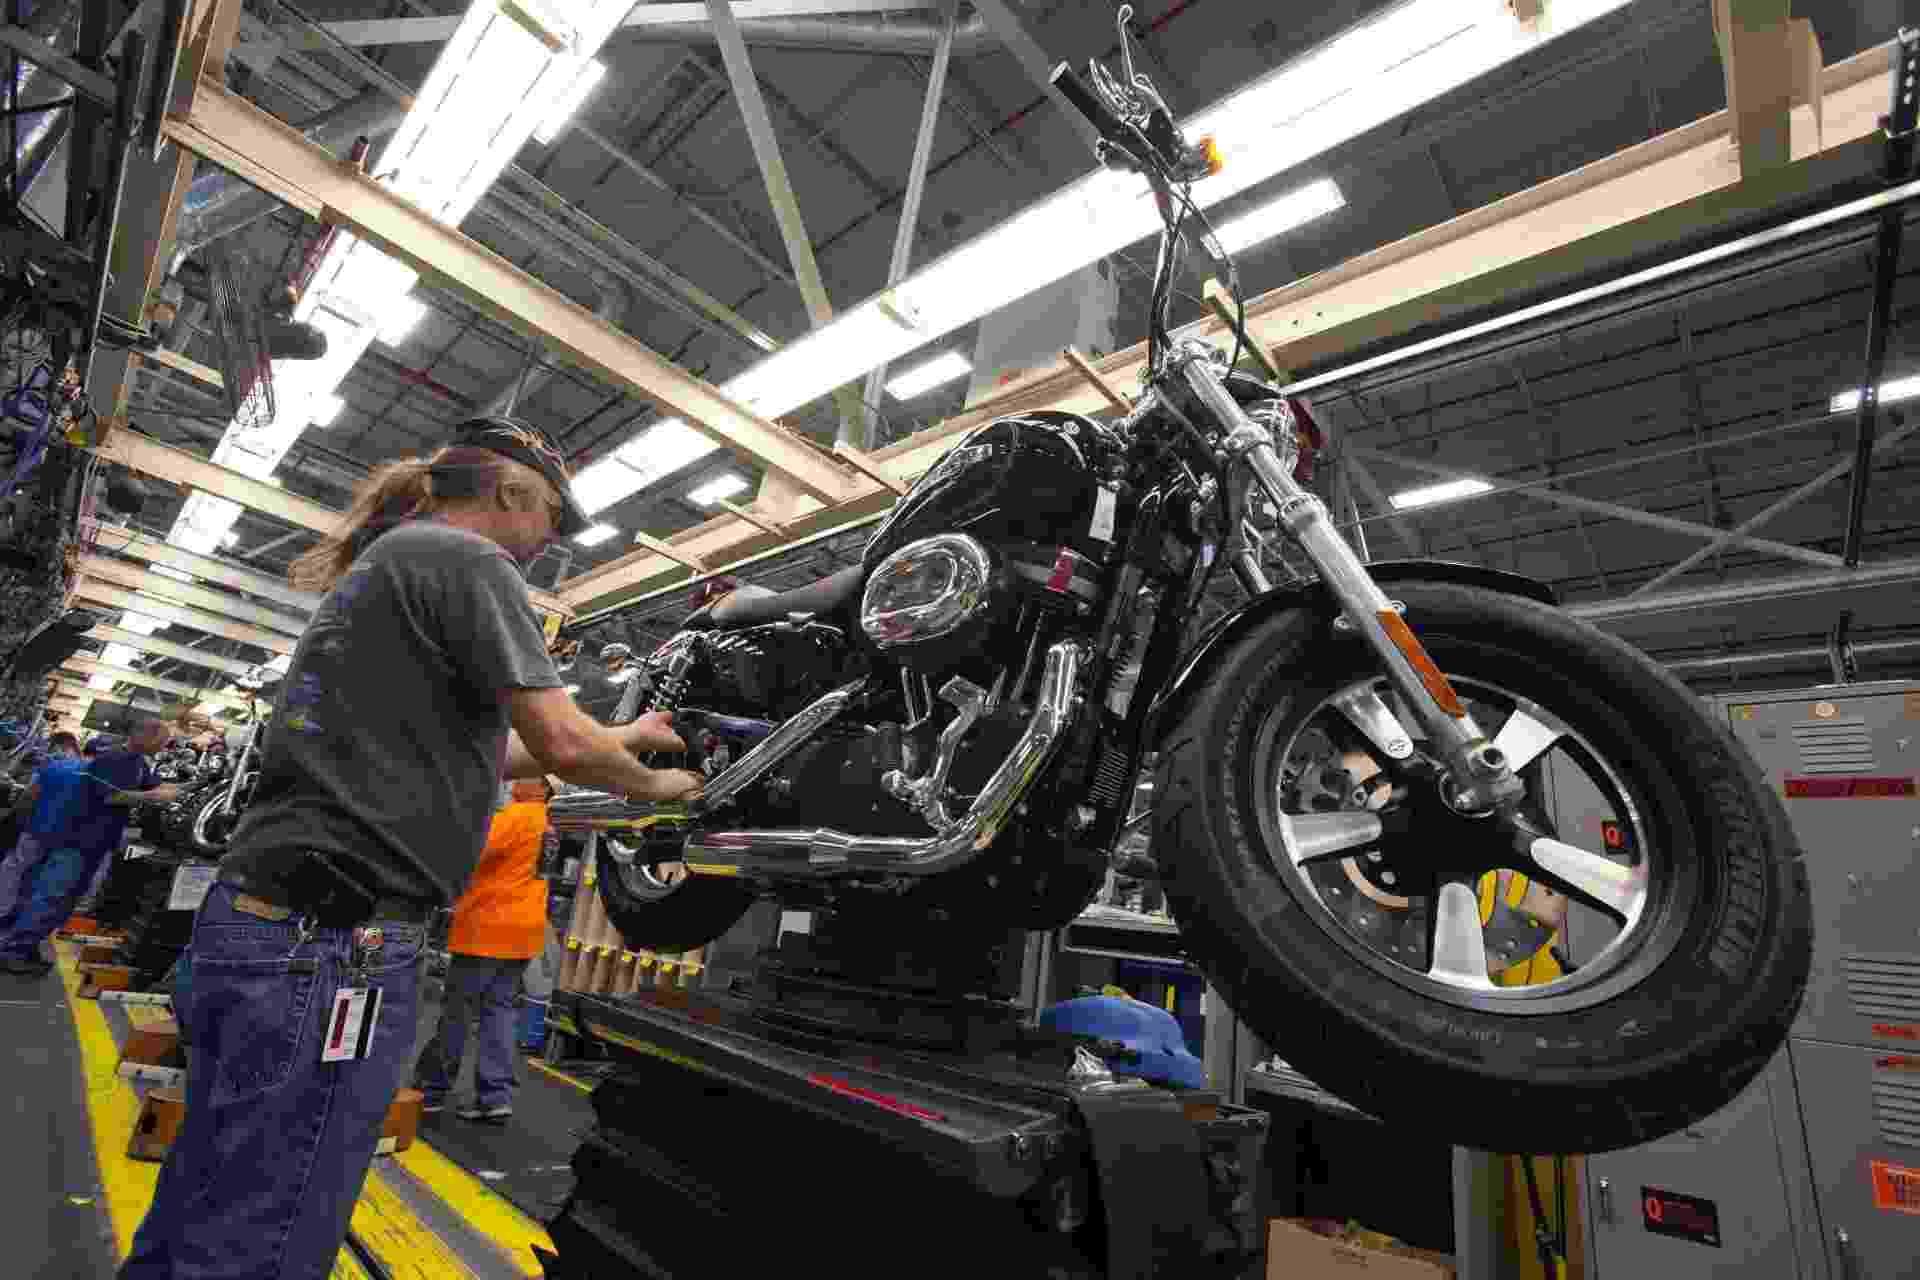 A fábrica da Harley-Davidson localizada na cidade de Kansas City, no Estado norte-americano do Missouri, produz as famílias de motocicletas Sportster, Dyna, StreetTM and V-Rod. Turistas podem acompanhar parte do processo de montagem destas máquinas de perto - Divulgação/Harley-Davidson